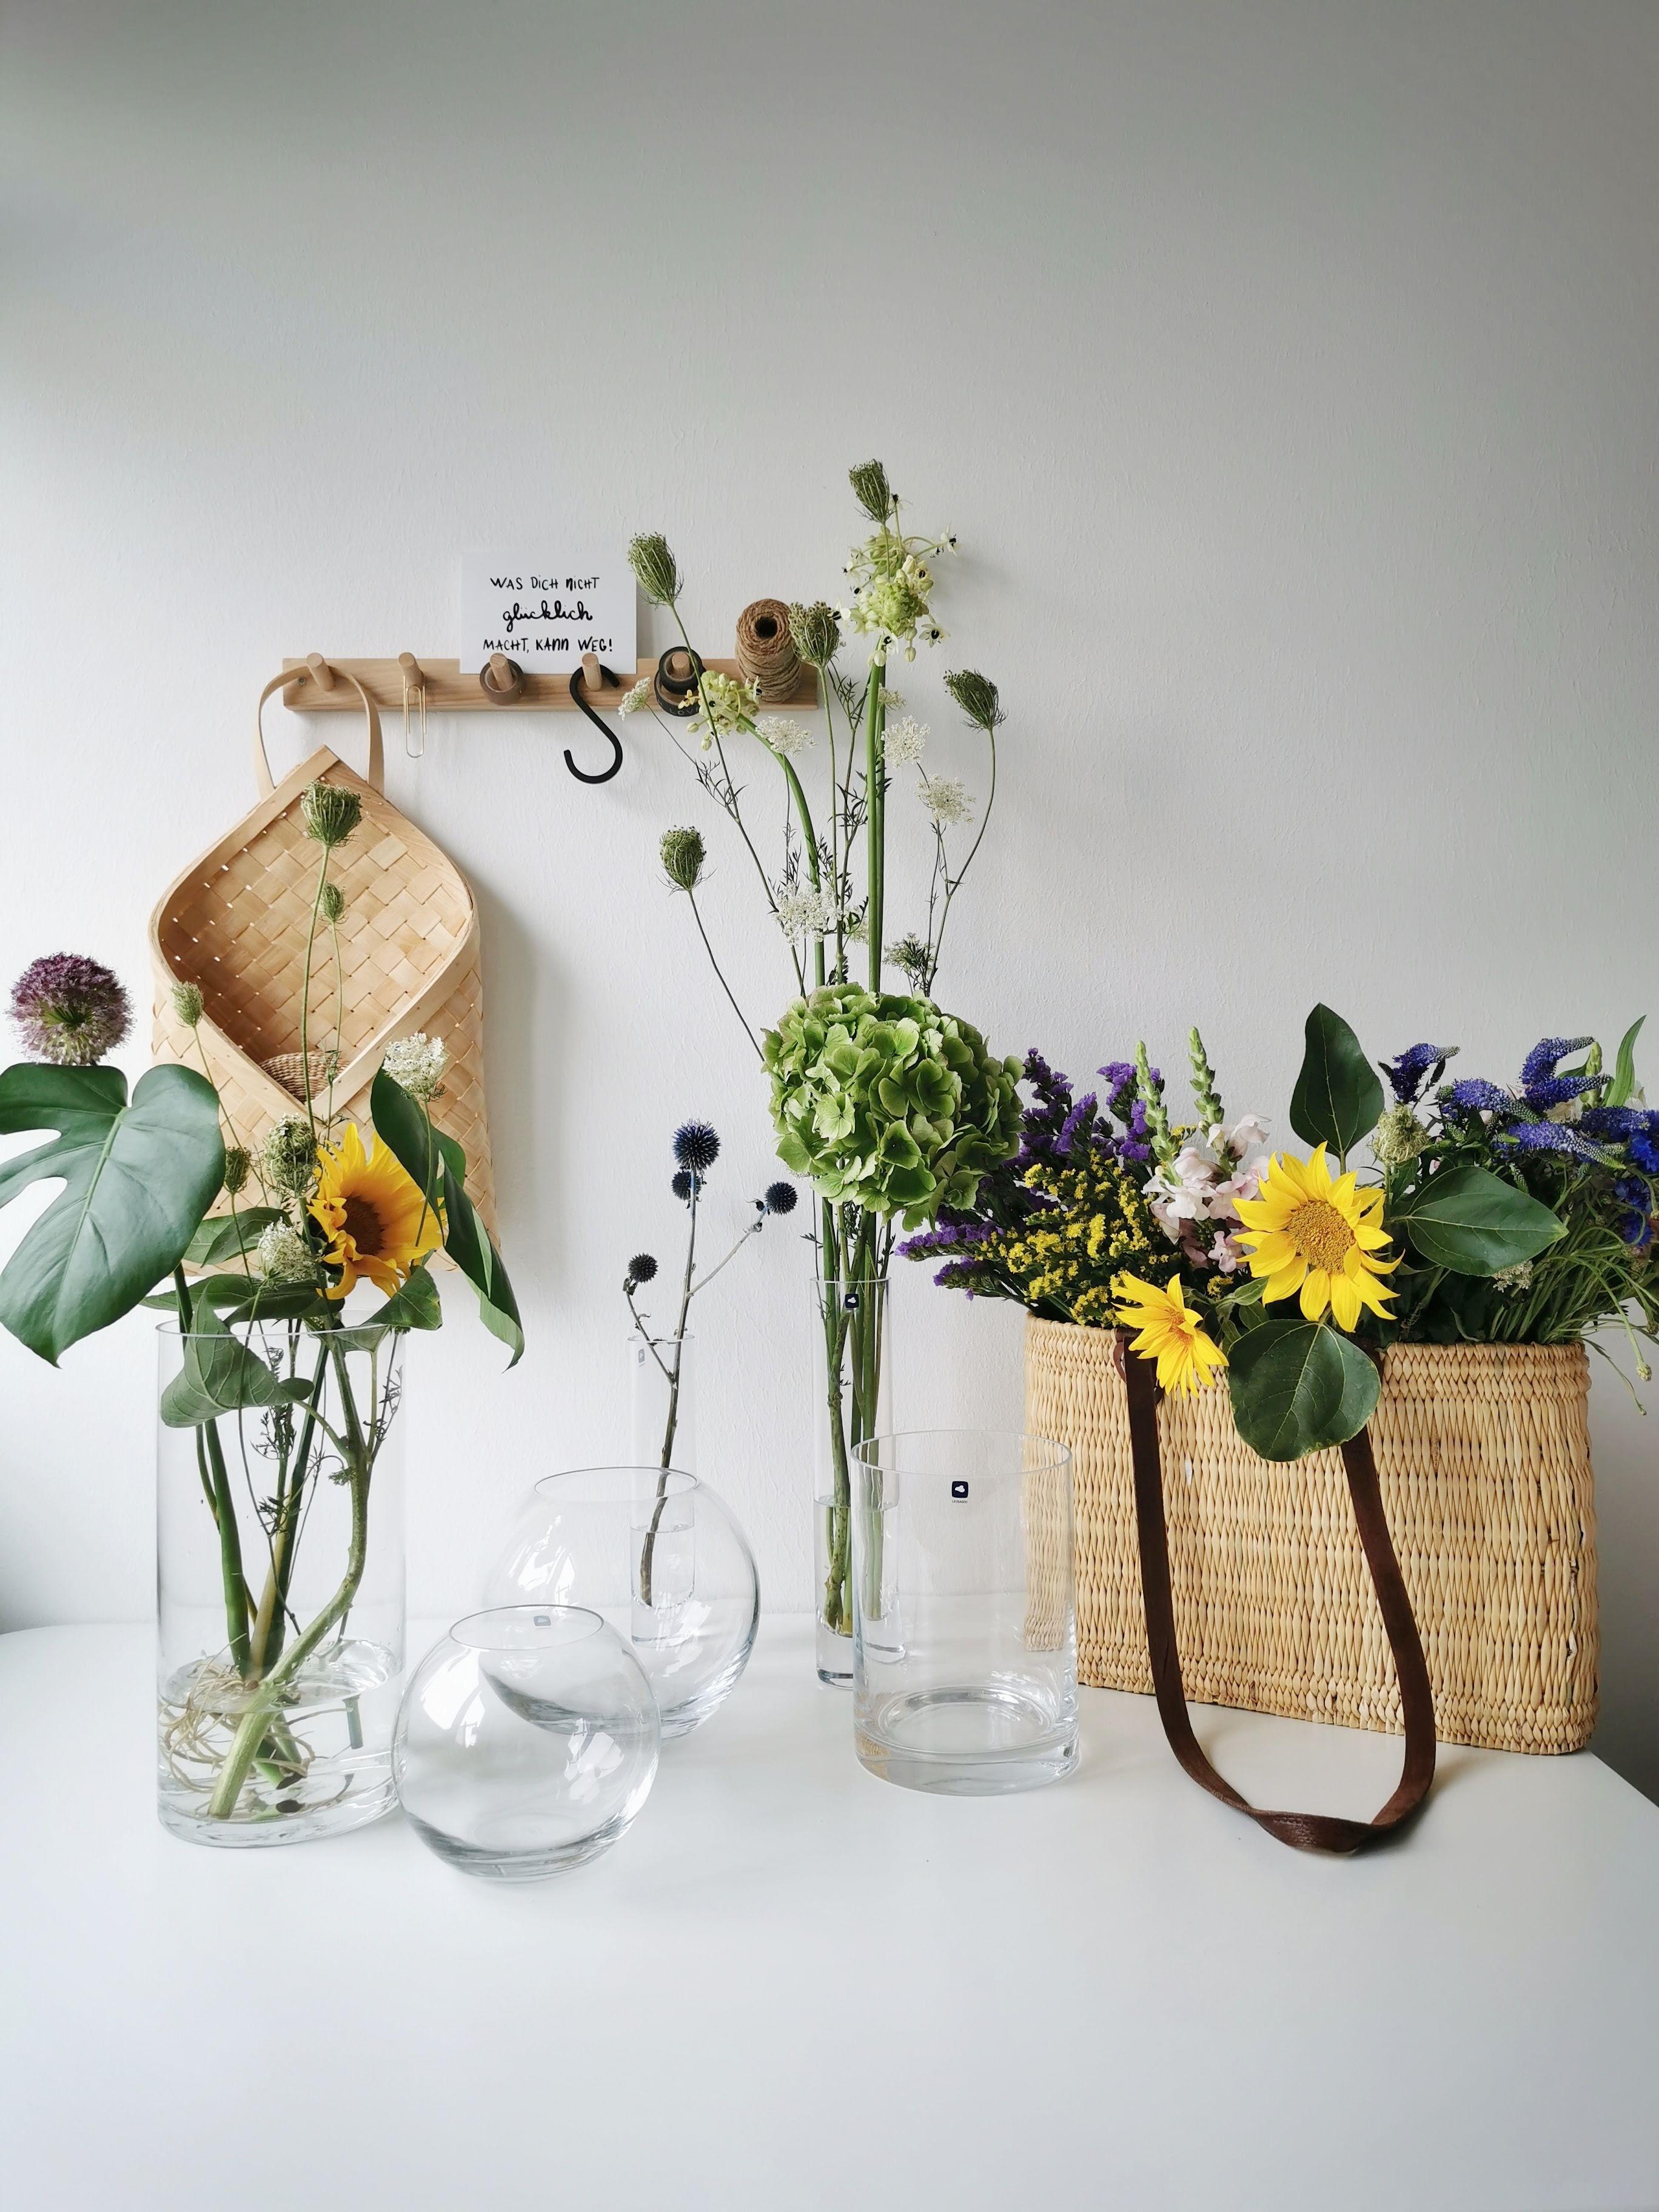 7 Wege zu floraler Abwechslung und Dekoideen mit Glasvasen | mammilade.com